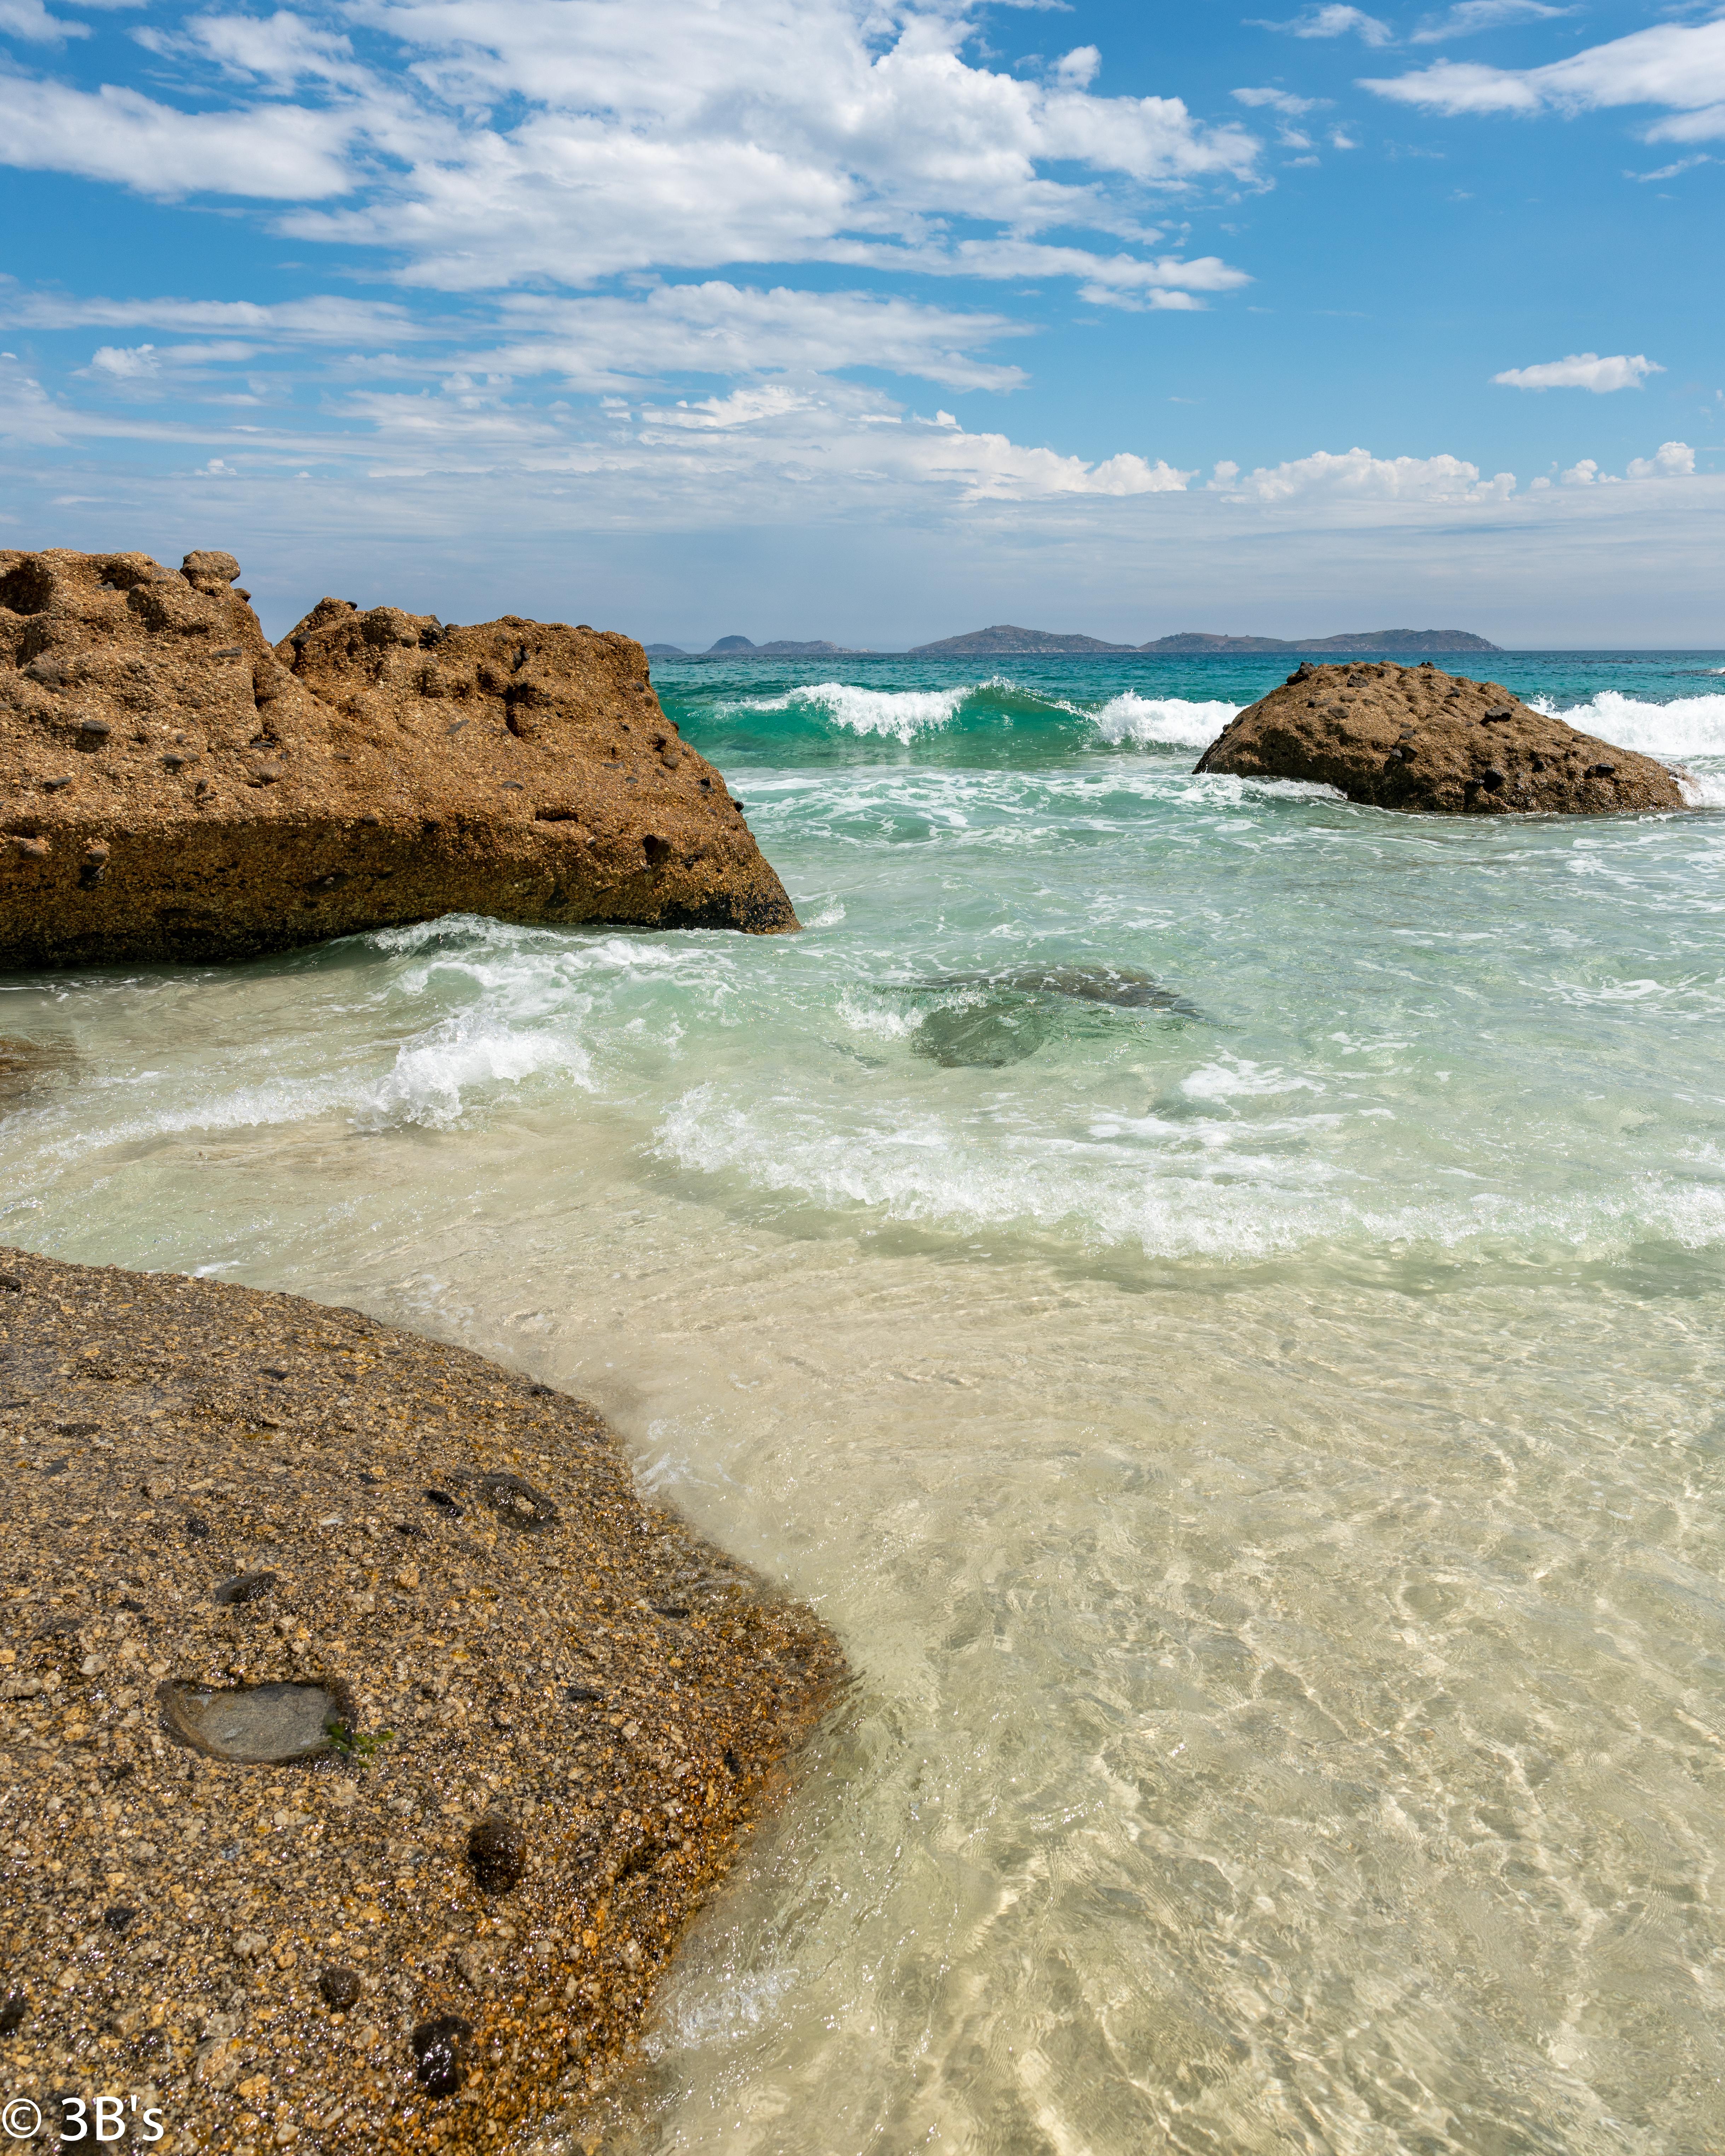 75432 скачать обои Природа, Берег, Море, Вода, Камни, Пейзаж - заставки и картинки бесплатно